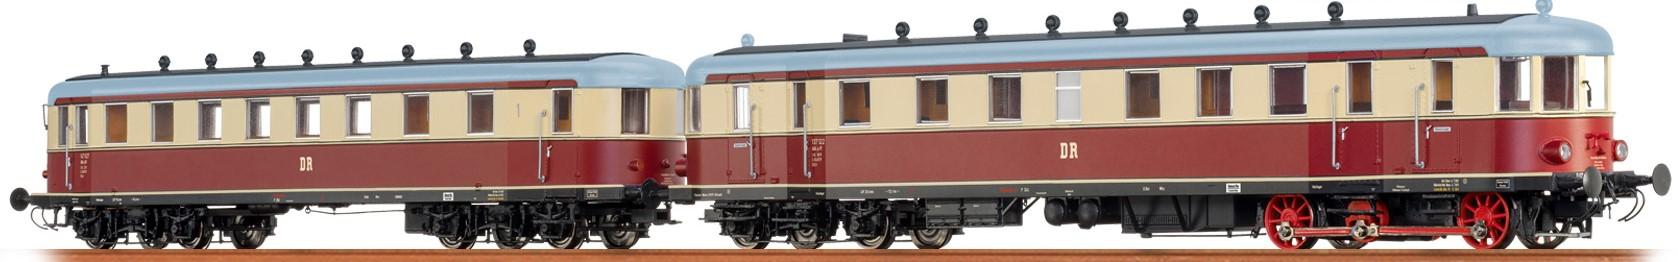 Brawa 44378 Triebwagen VT137 und VT147